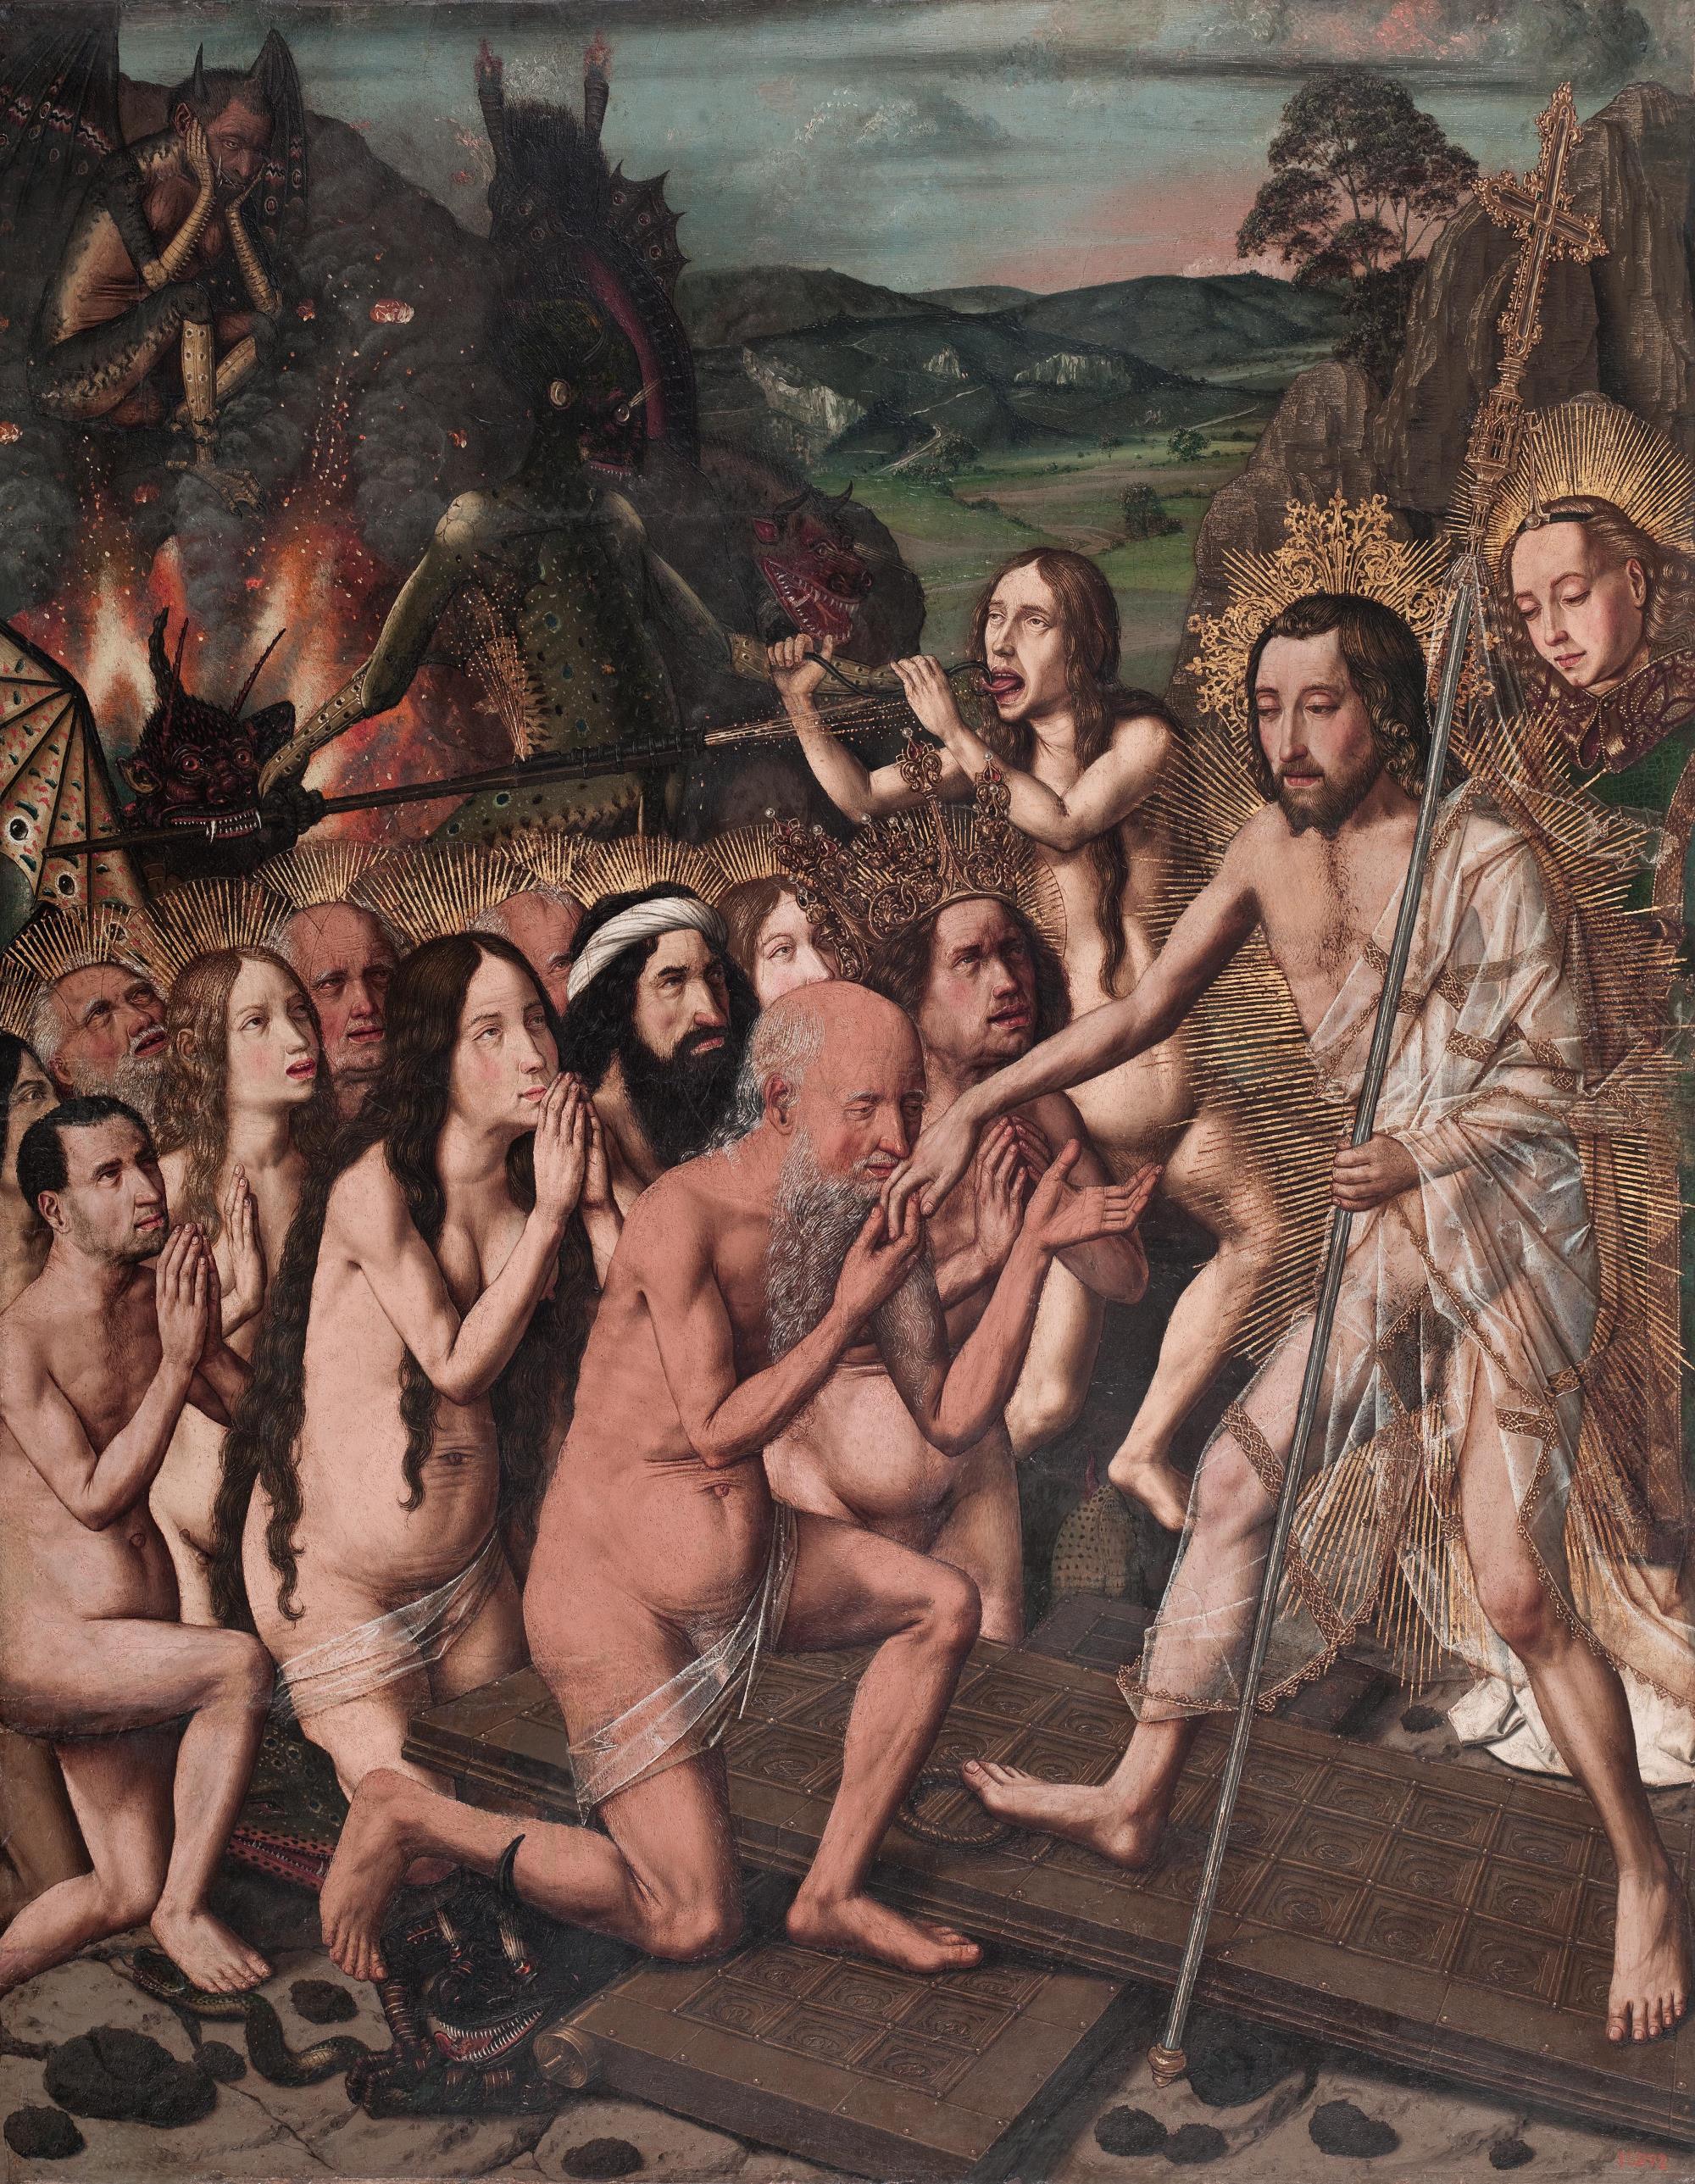 Bartolomé Bermejo, Davallament de Crist als Llimbs, c. 1475